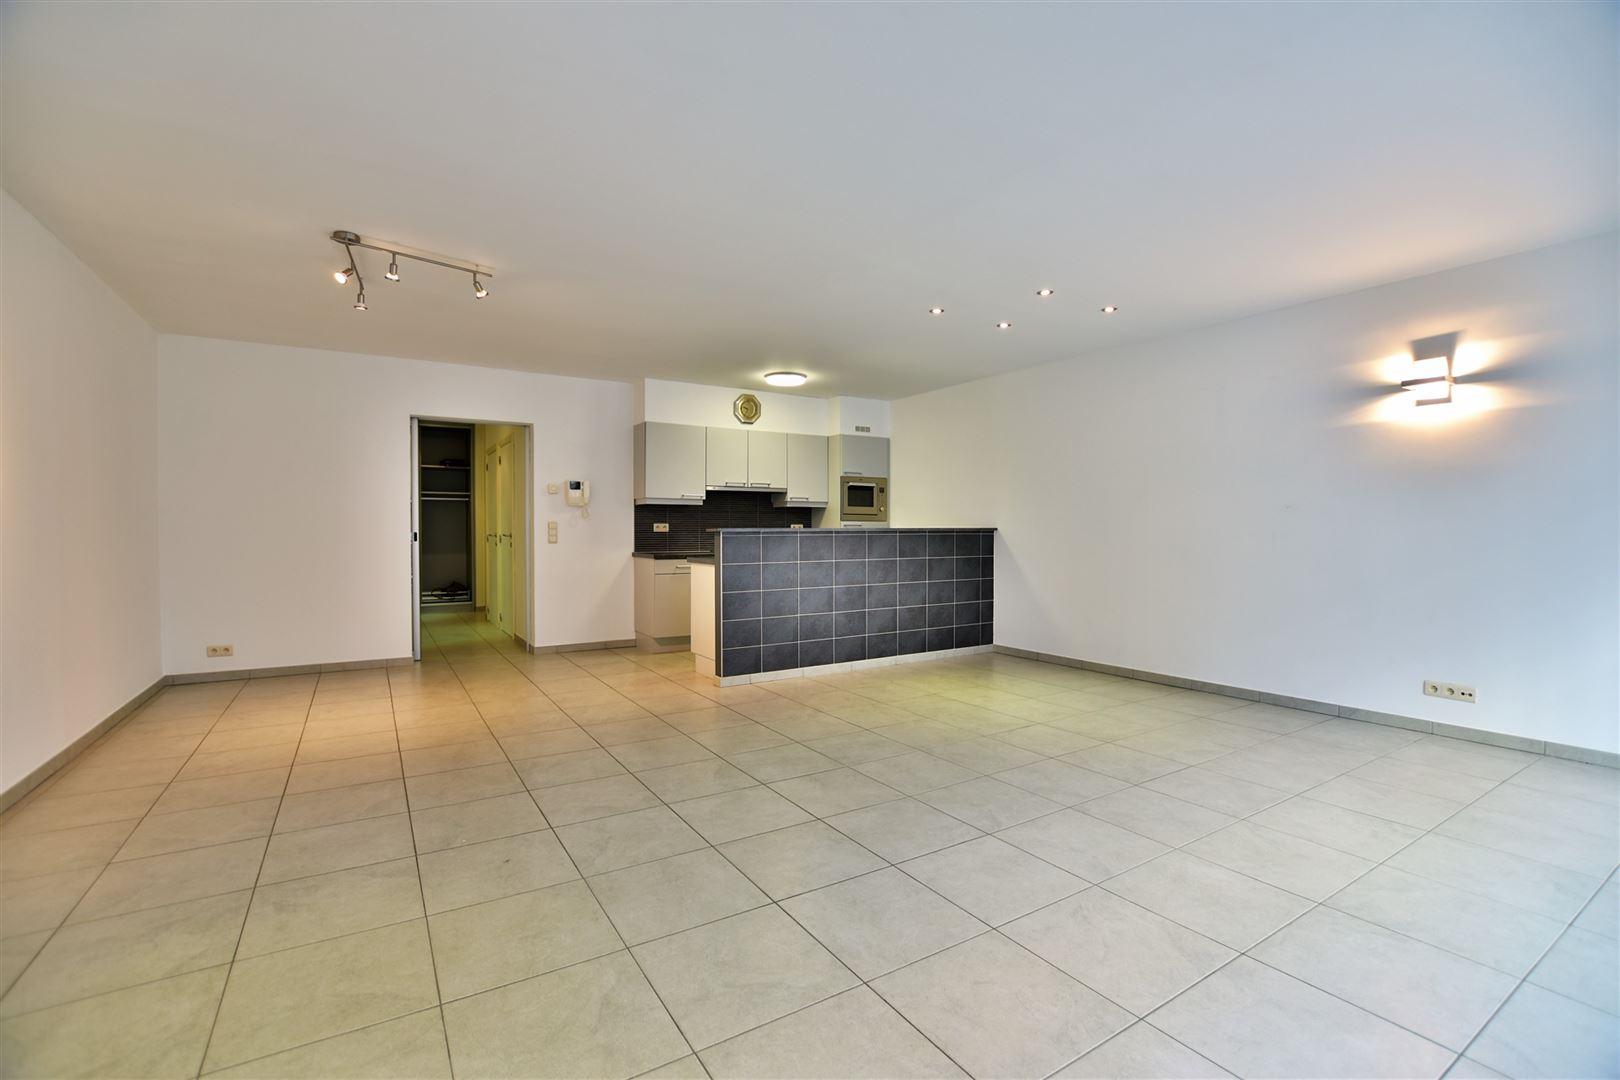 Foto 6 : Appartement te 8400 OOSTENDE (België) - Prijs € 299.000